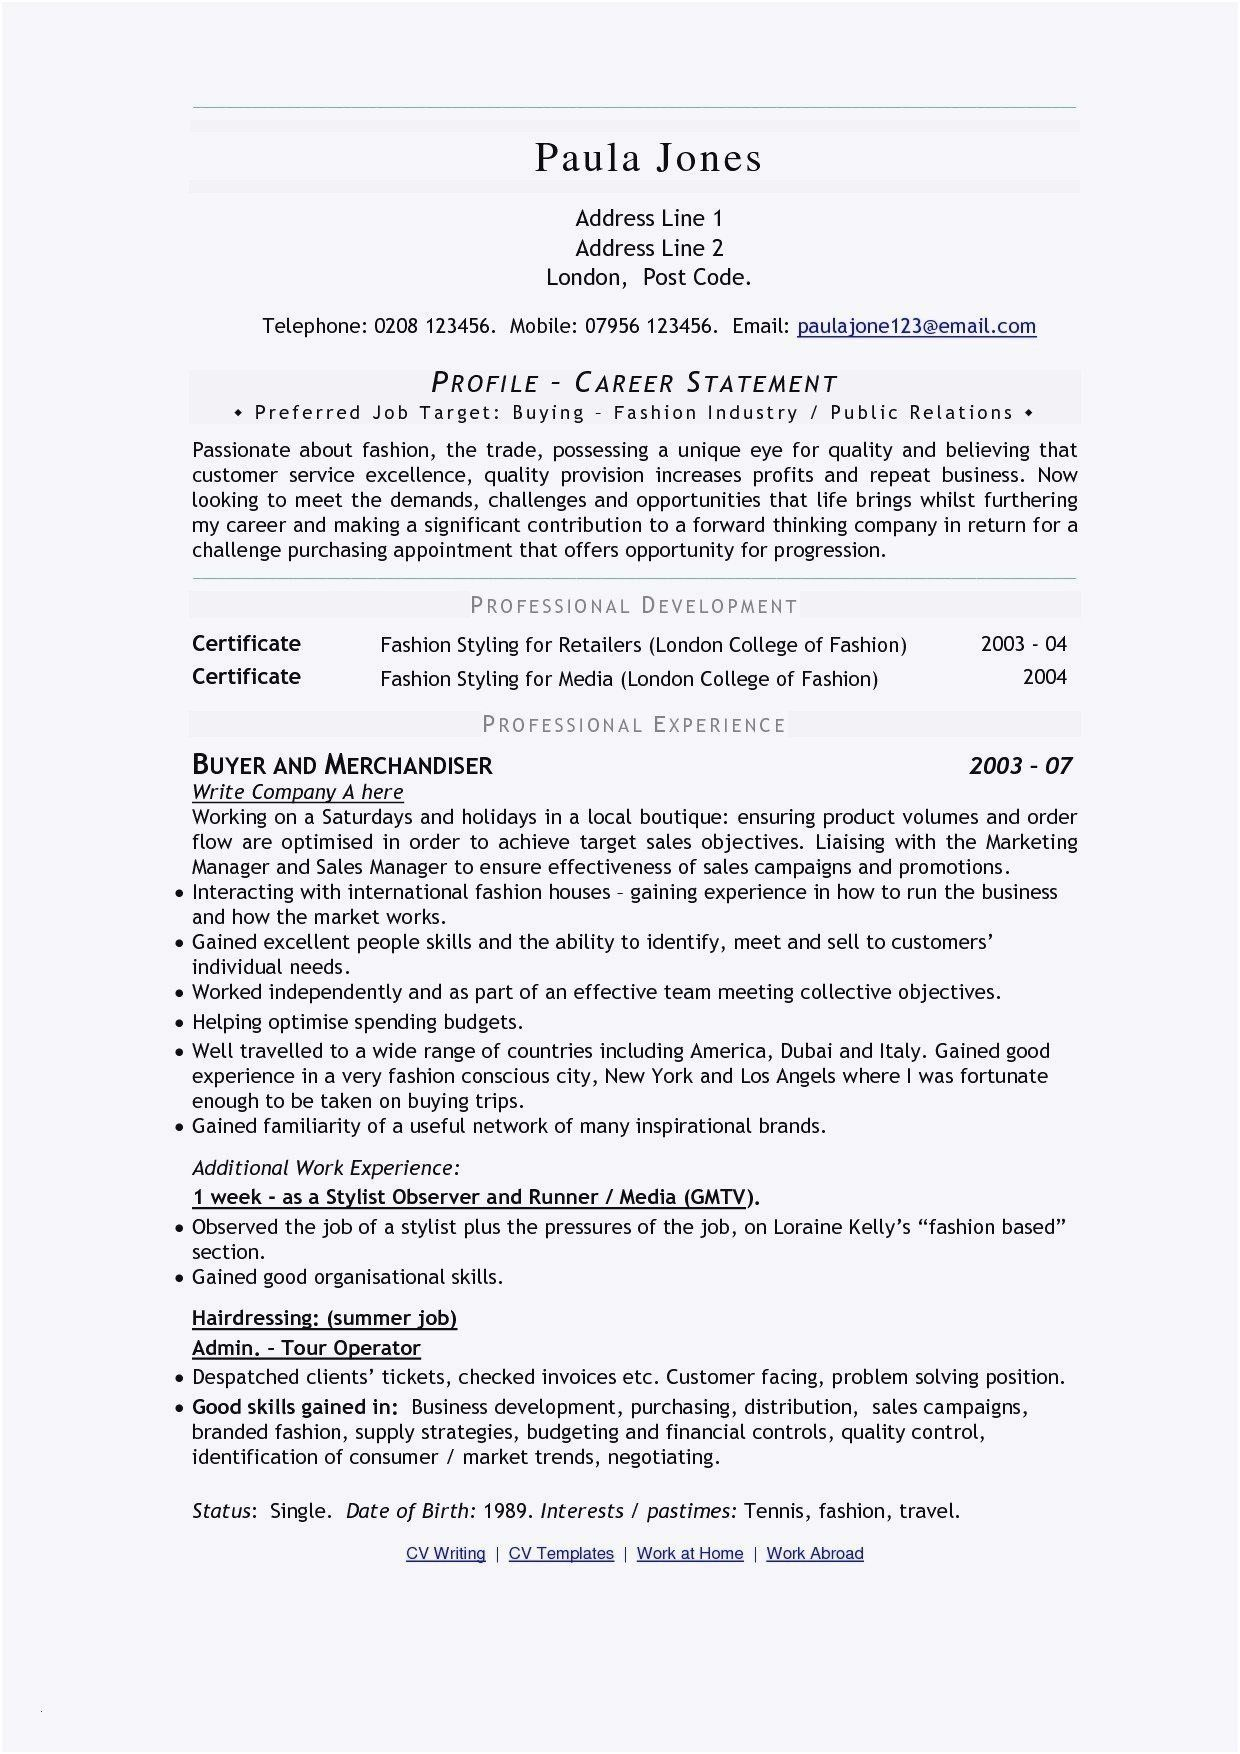 Nanny Job Description For Resume Unique Resume Writing Karate Do